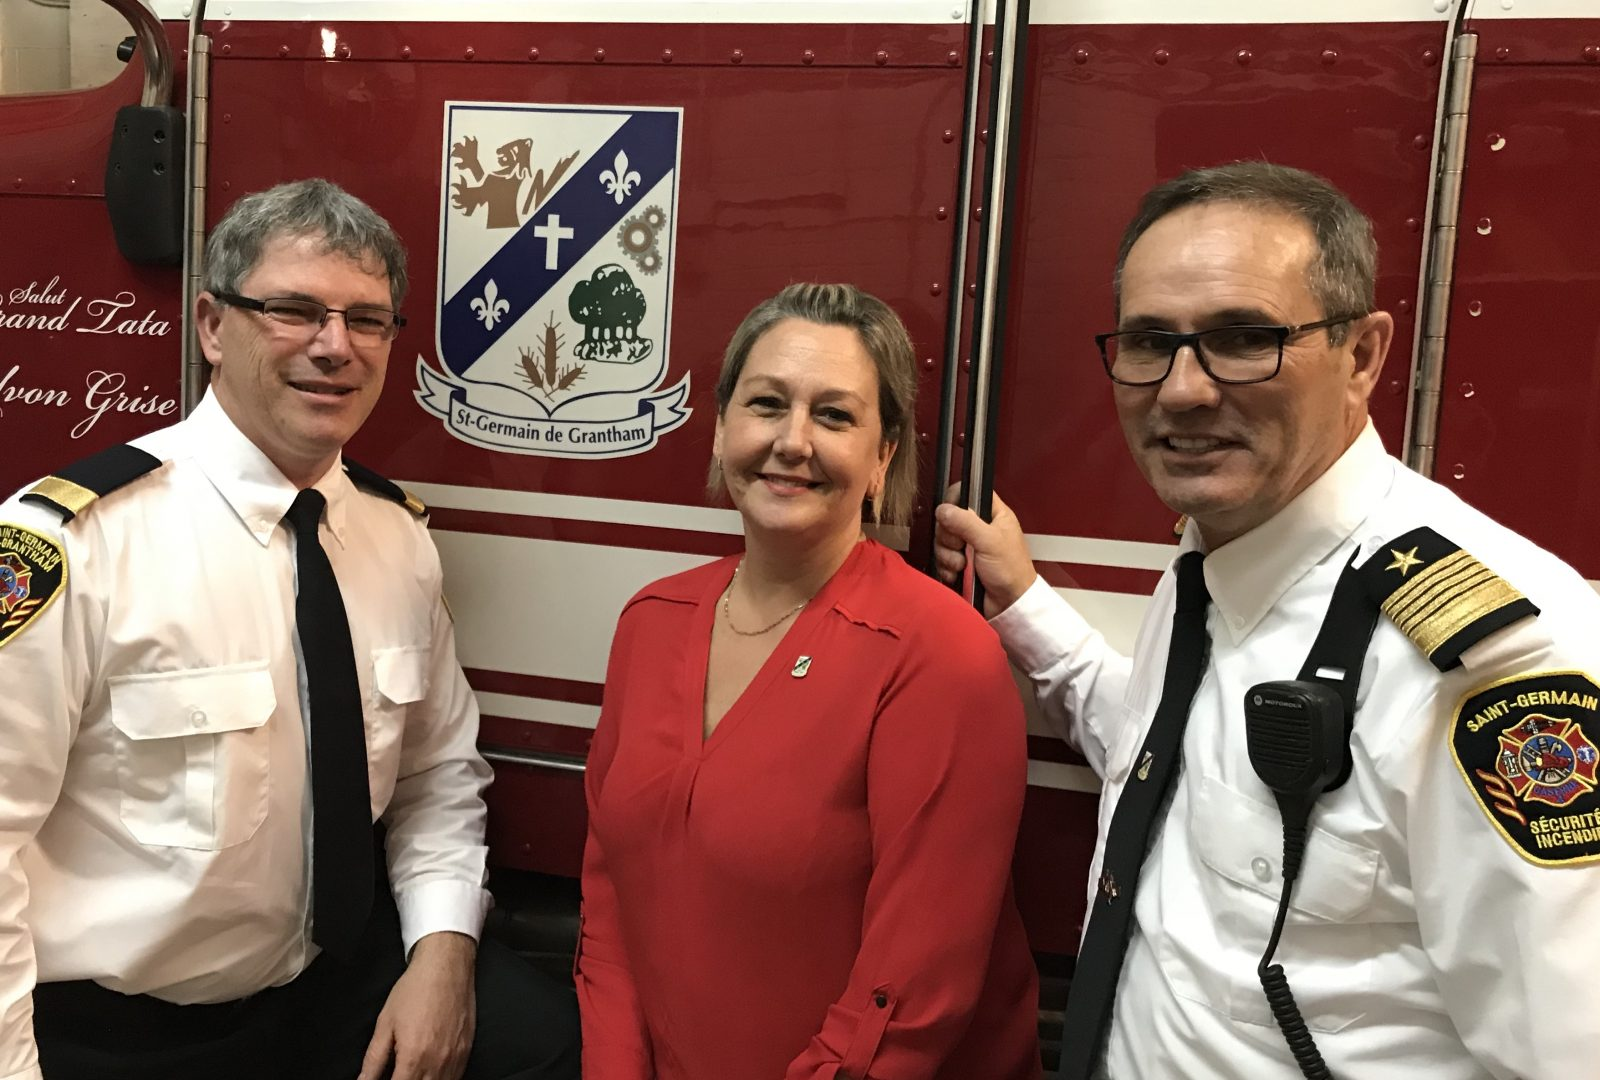 Nouvelle direction au service de sécurité incendie de Saint-Germain